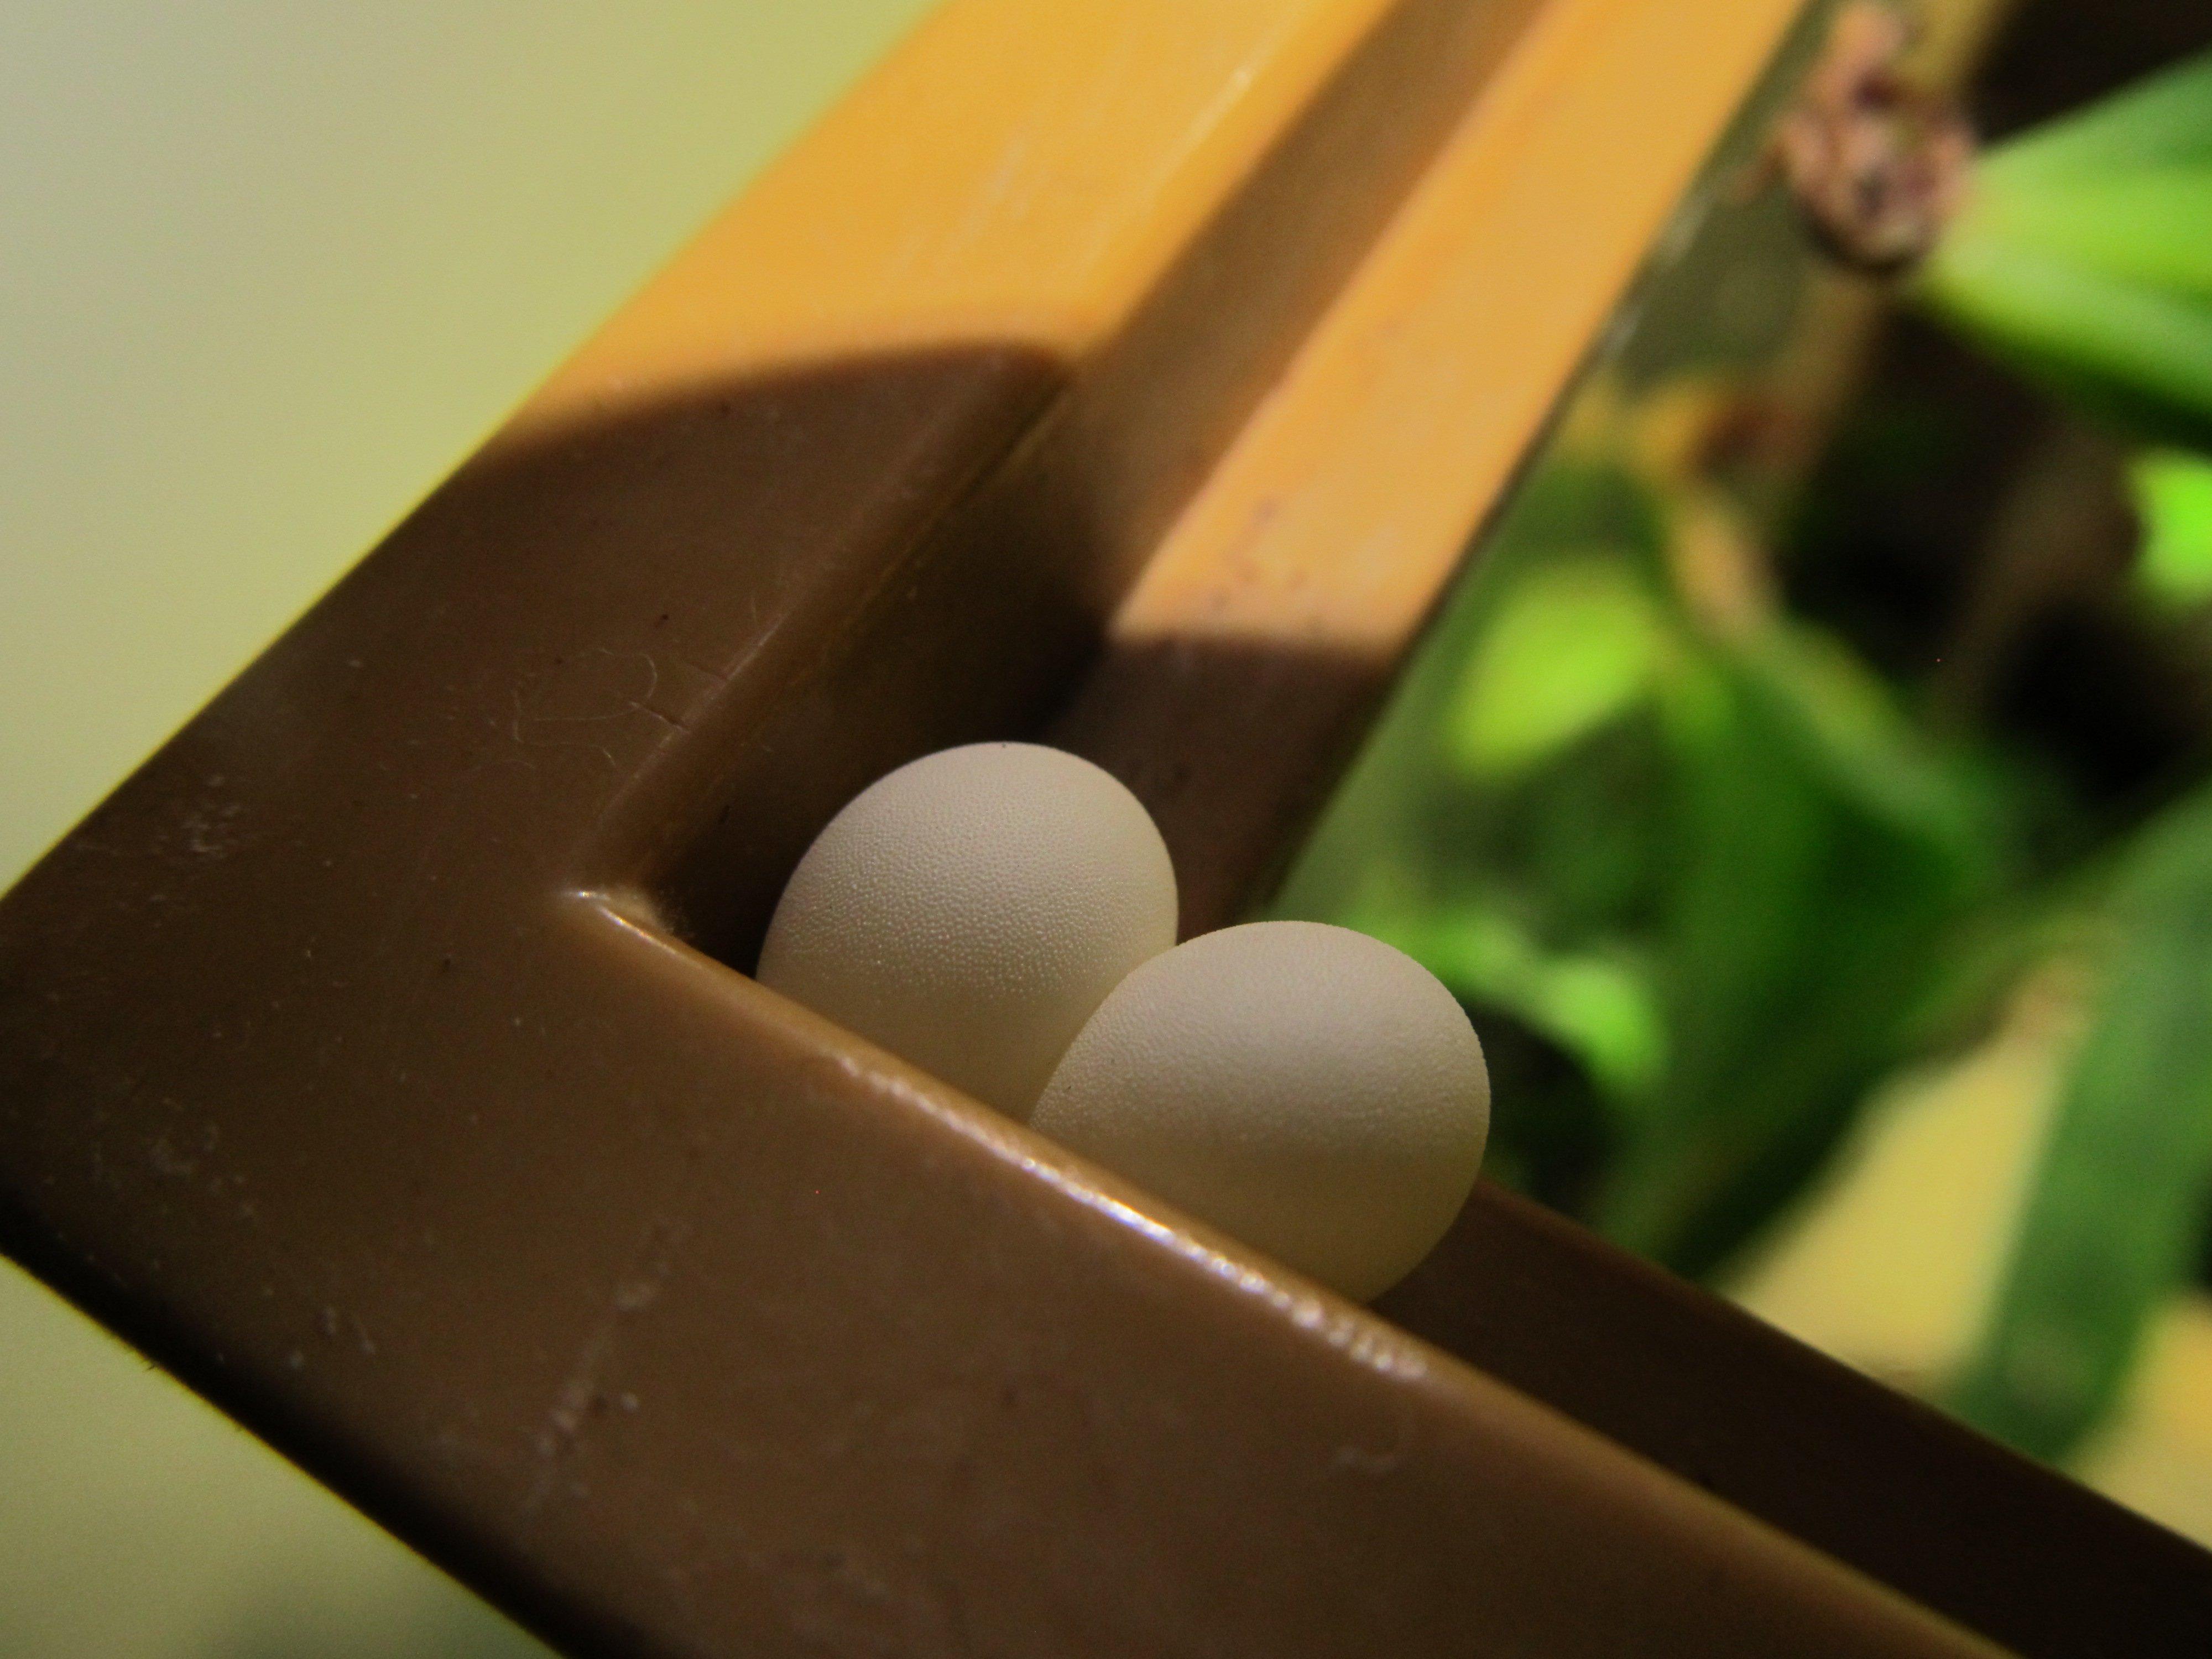 gecko_eggs_textured